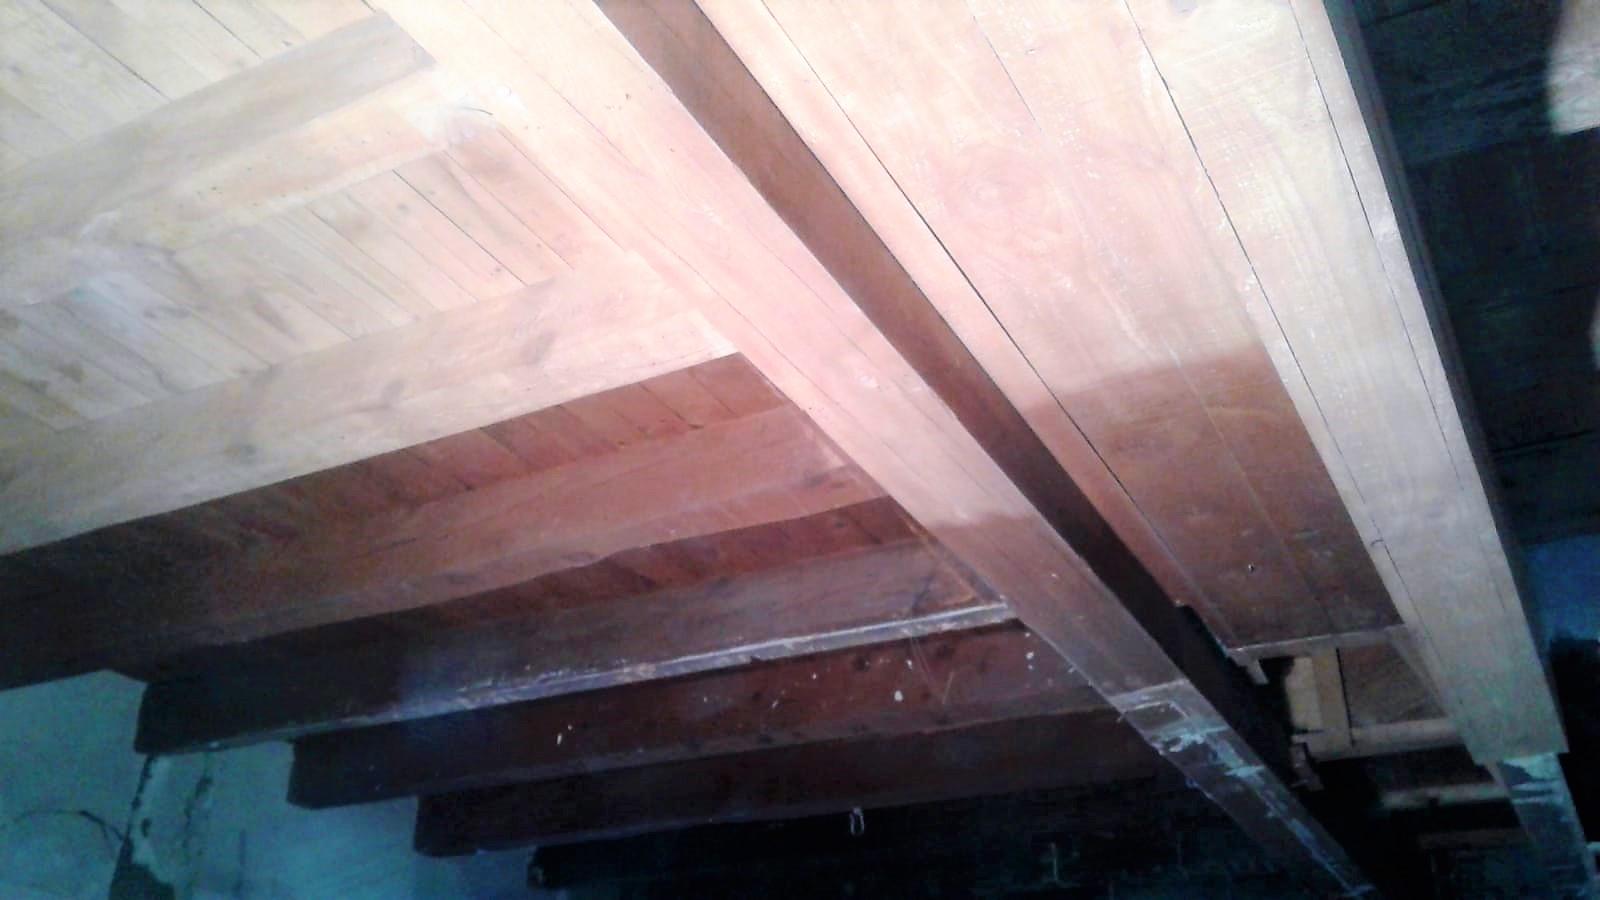 Amb les noves tècniques de raig de sorra a pressió, els nostres professionals podent netejar tota mena de material, en aquest cas Bigues de fusta a Andorra. És possible netejar tota classe de superfícies, metalls oxidats, bigues de fusta…